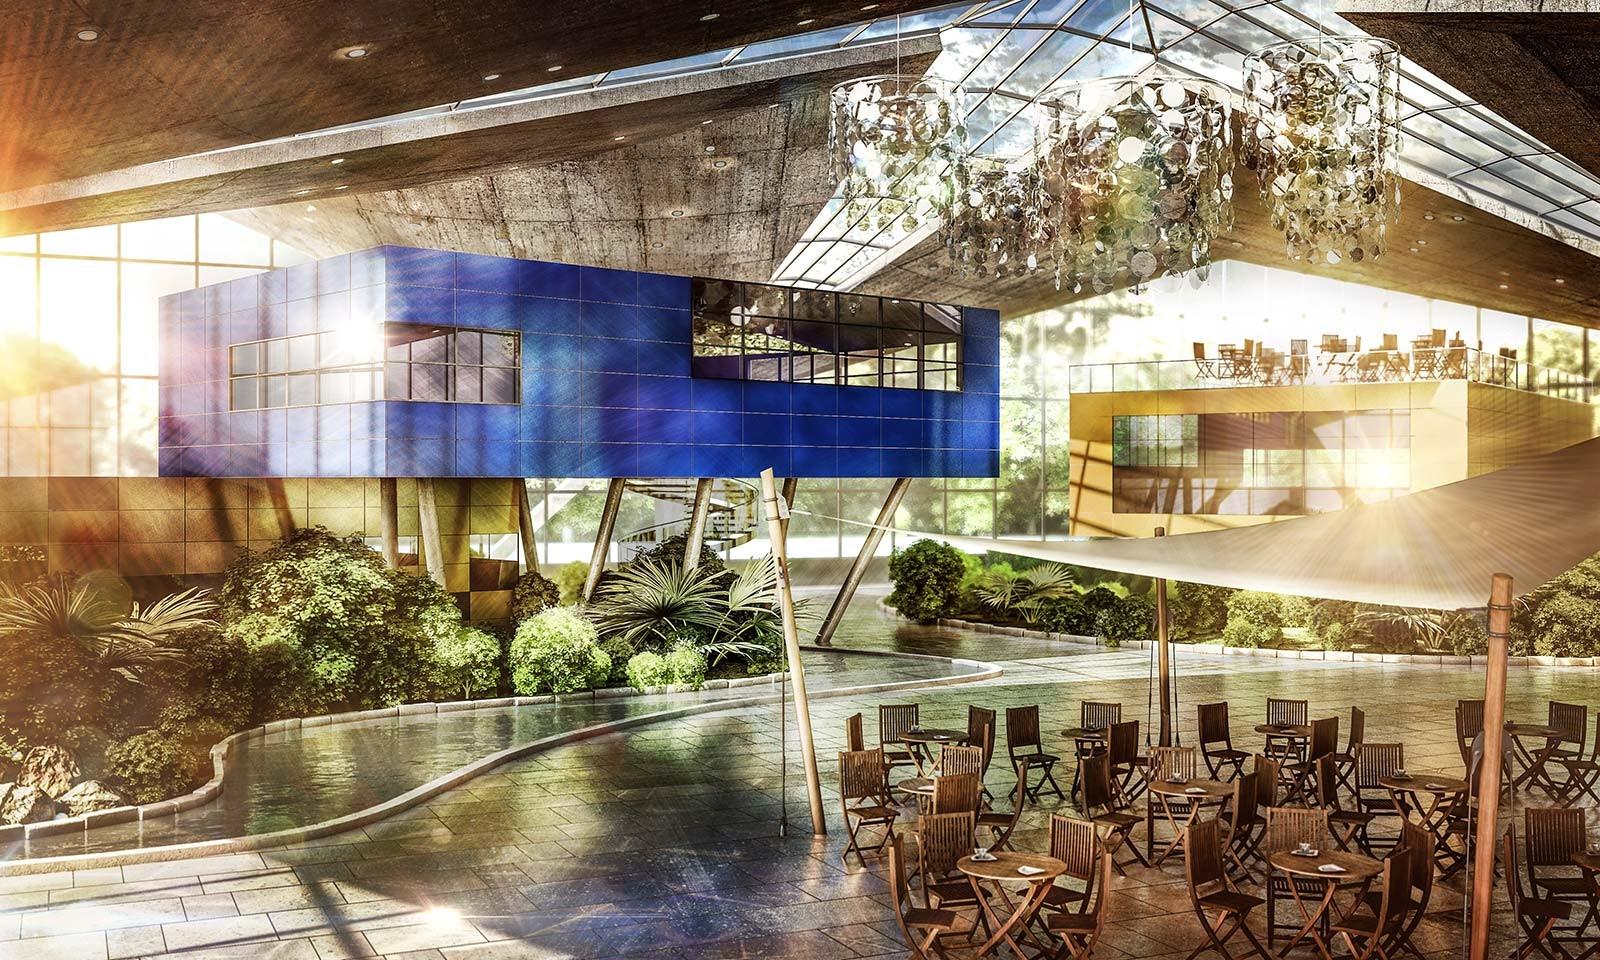 Hyparschale - Architekturvisualisierung Innen